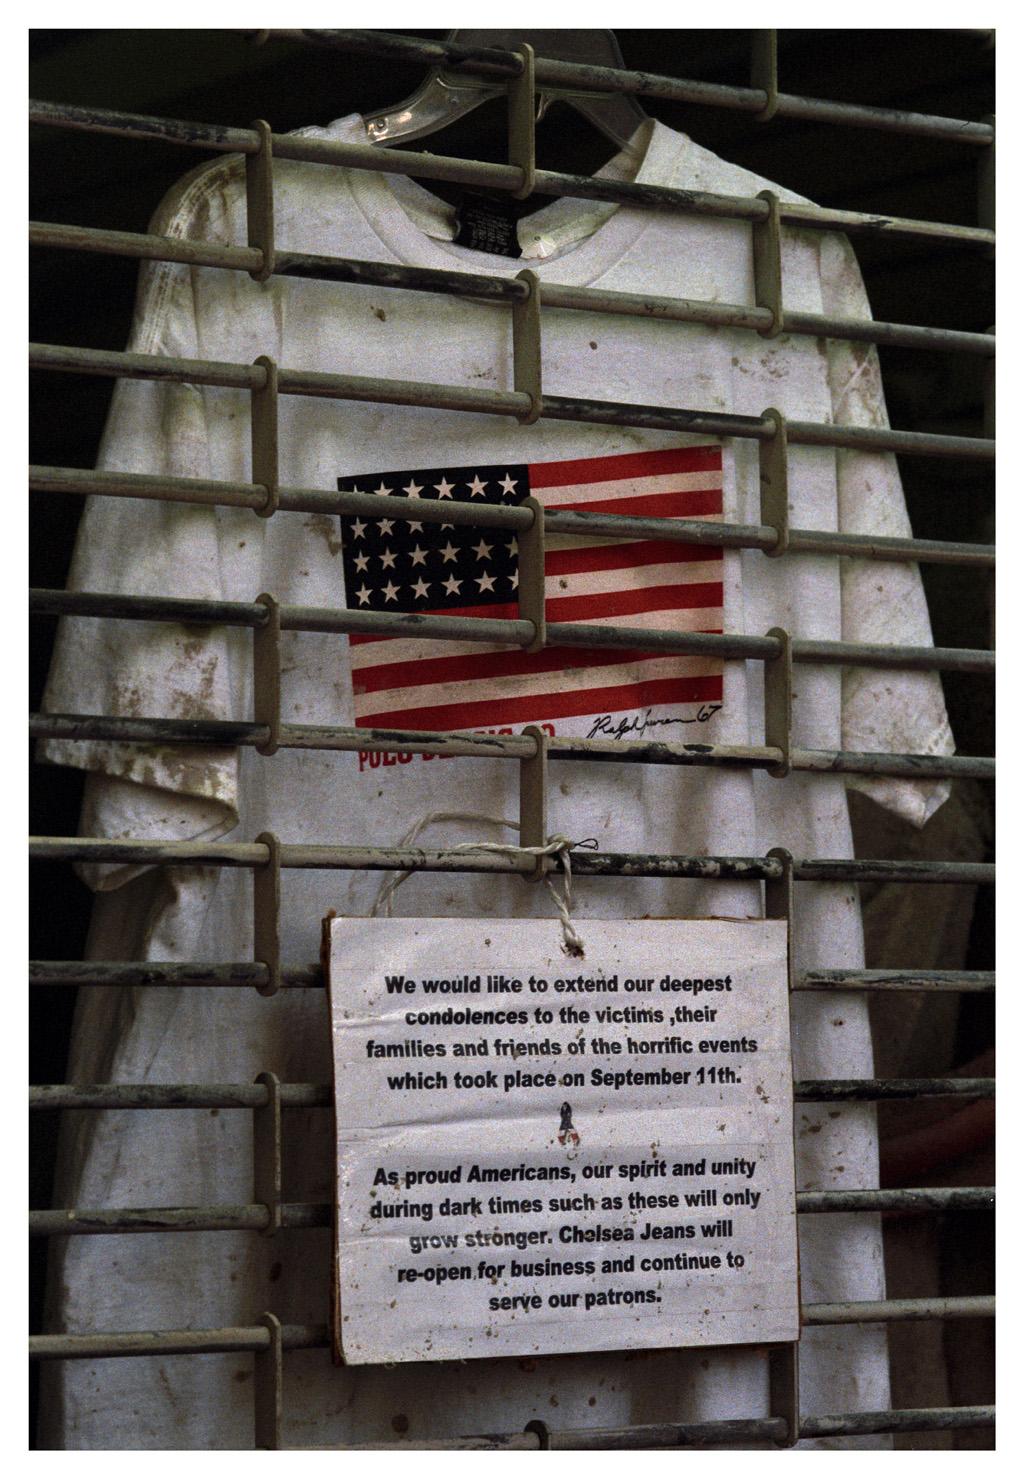 11 septembre 2001, t-shirt décoré du drapeau américain derrière la grille d'un magasin fermé